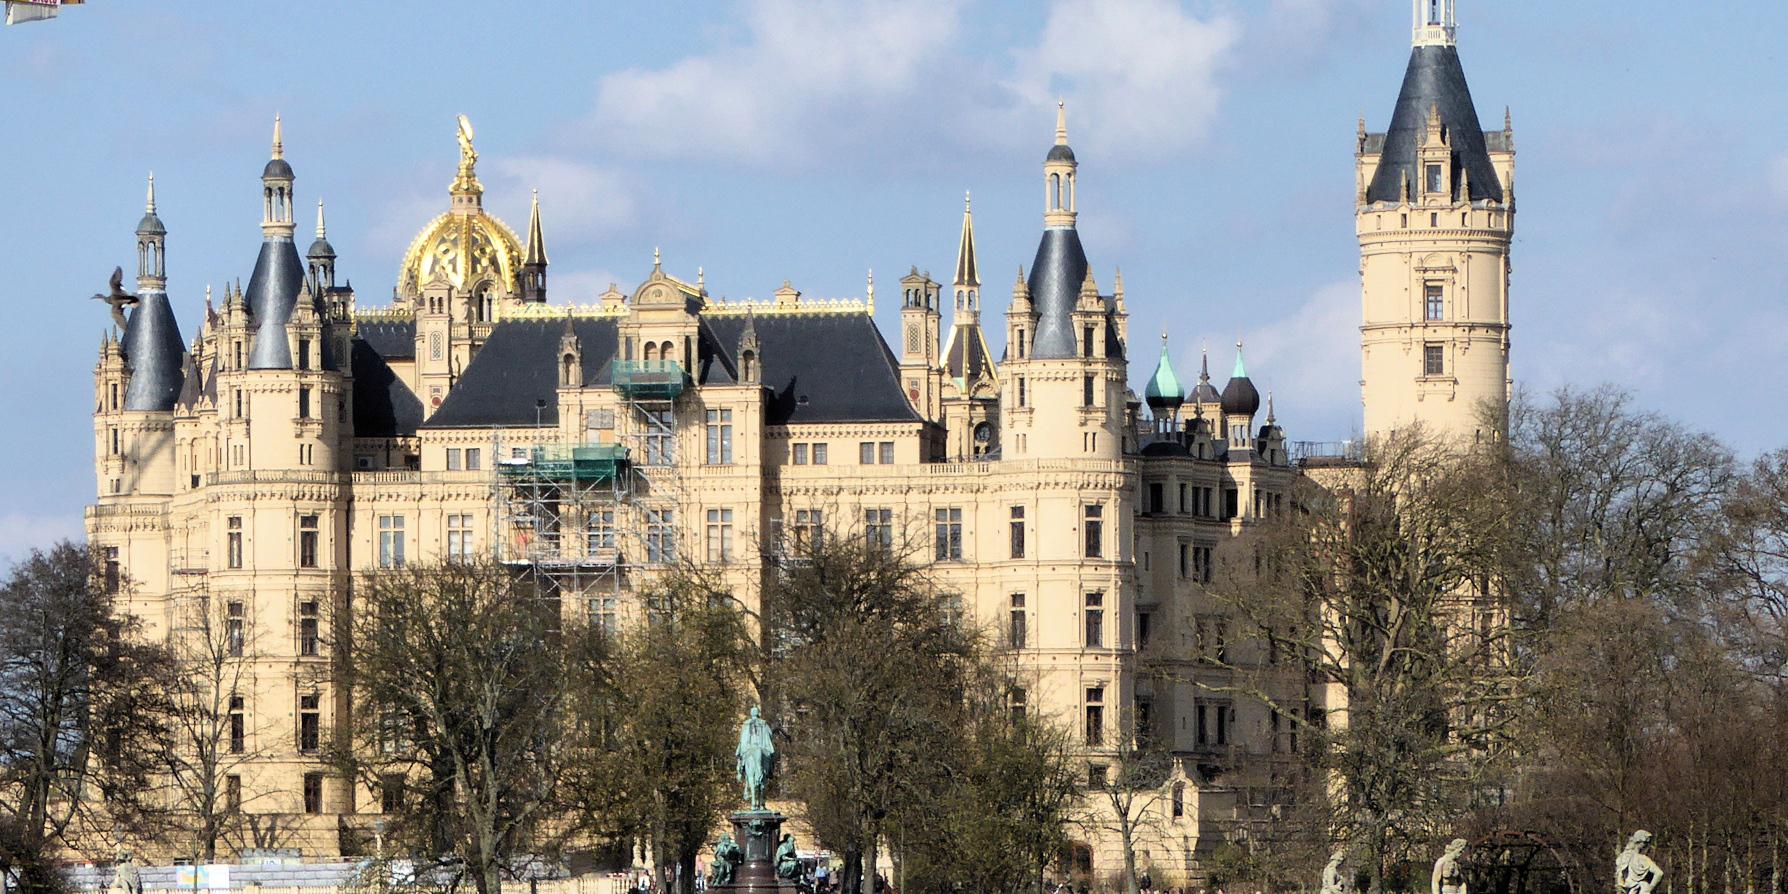 Panorama Schloss Schwerin